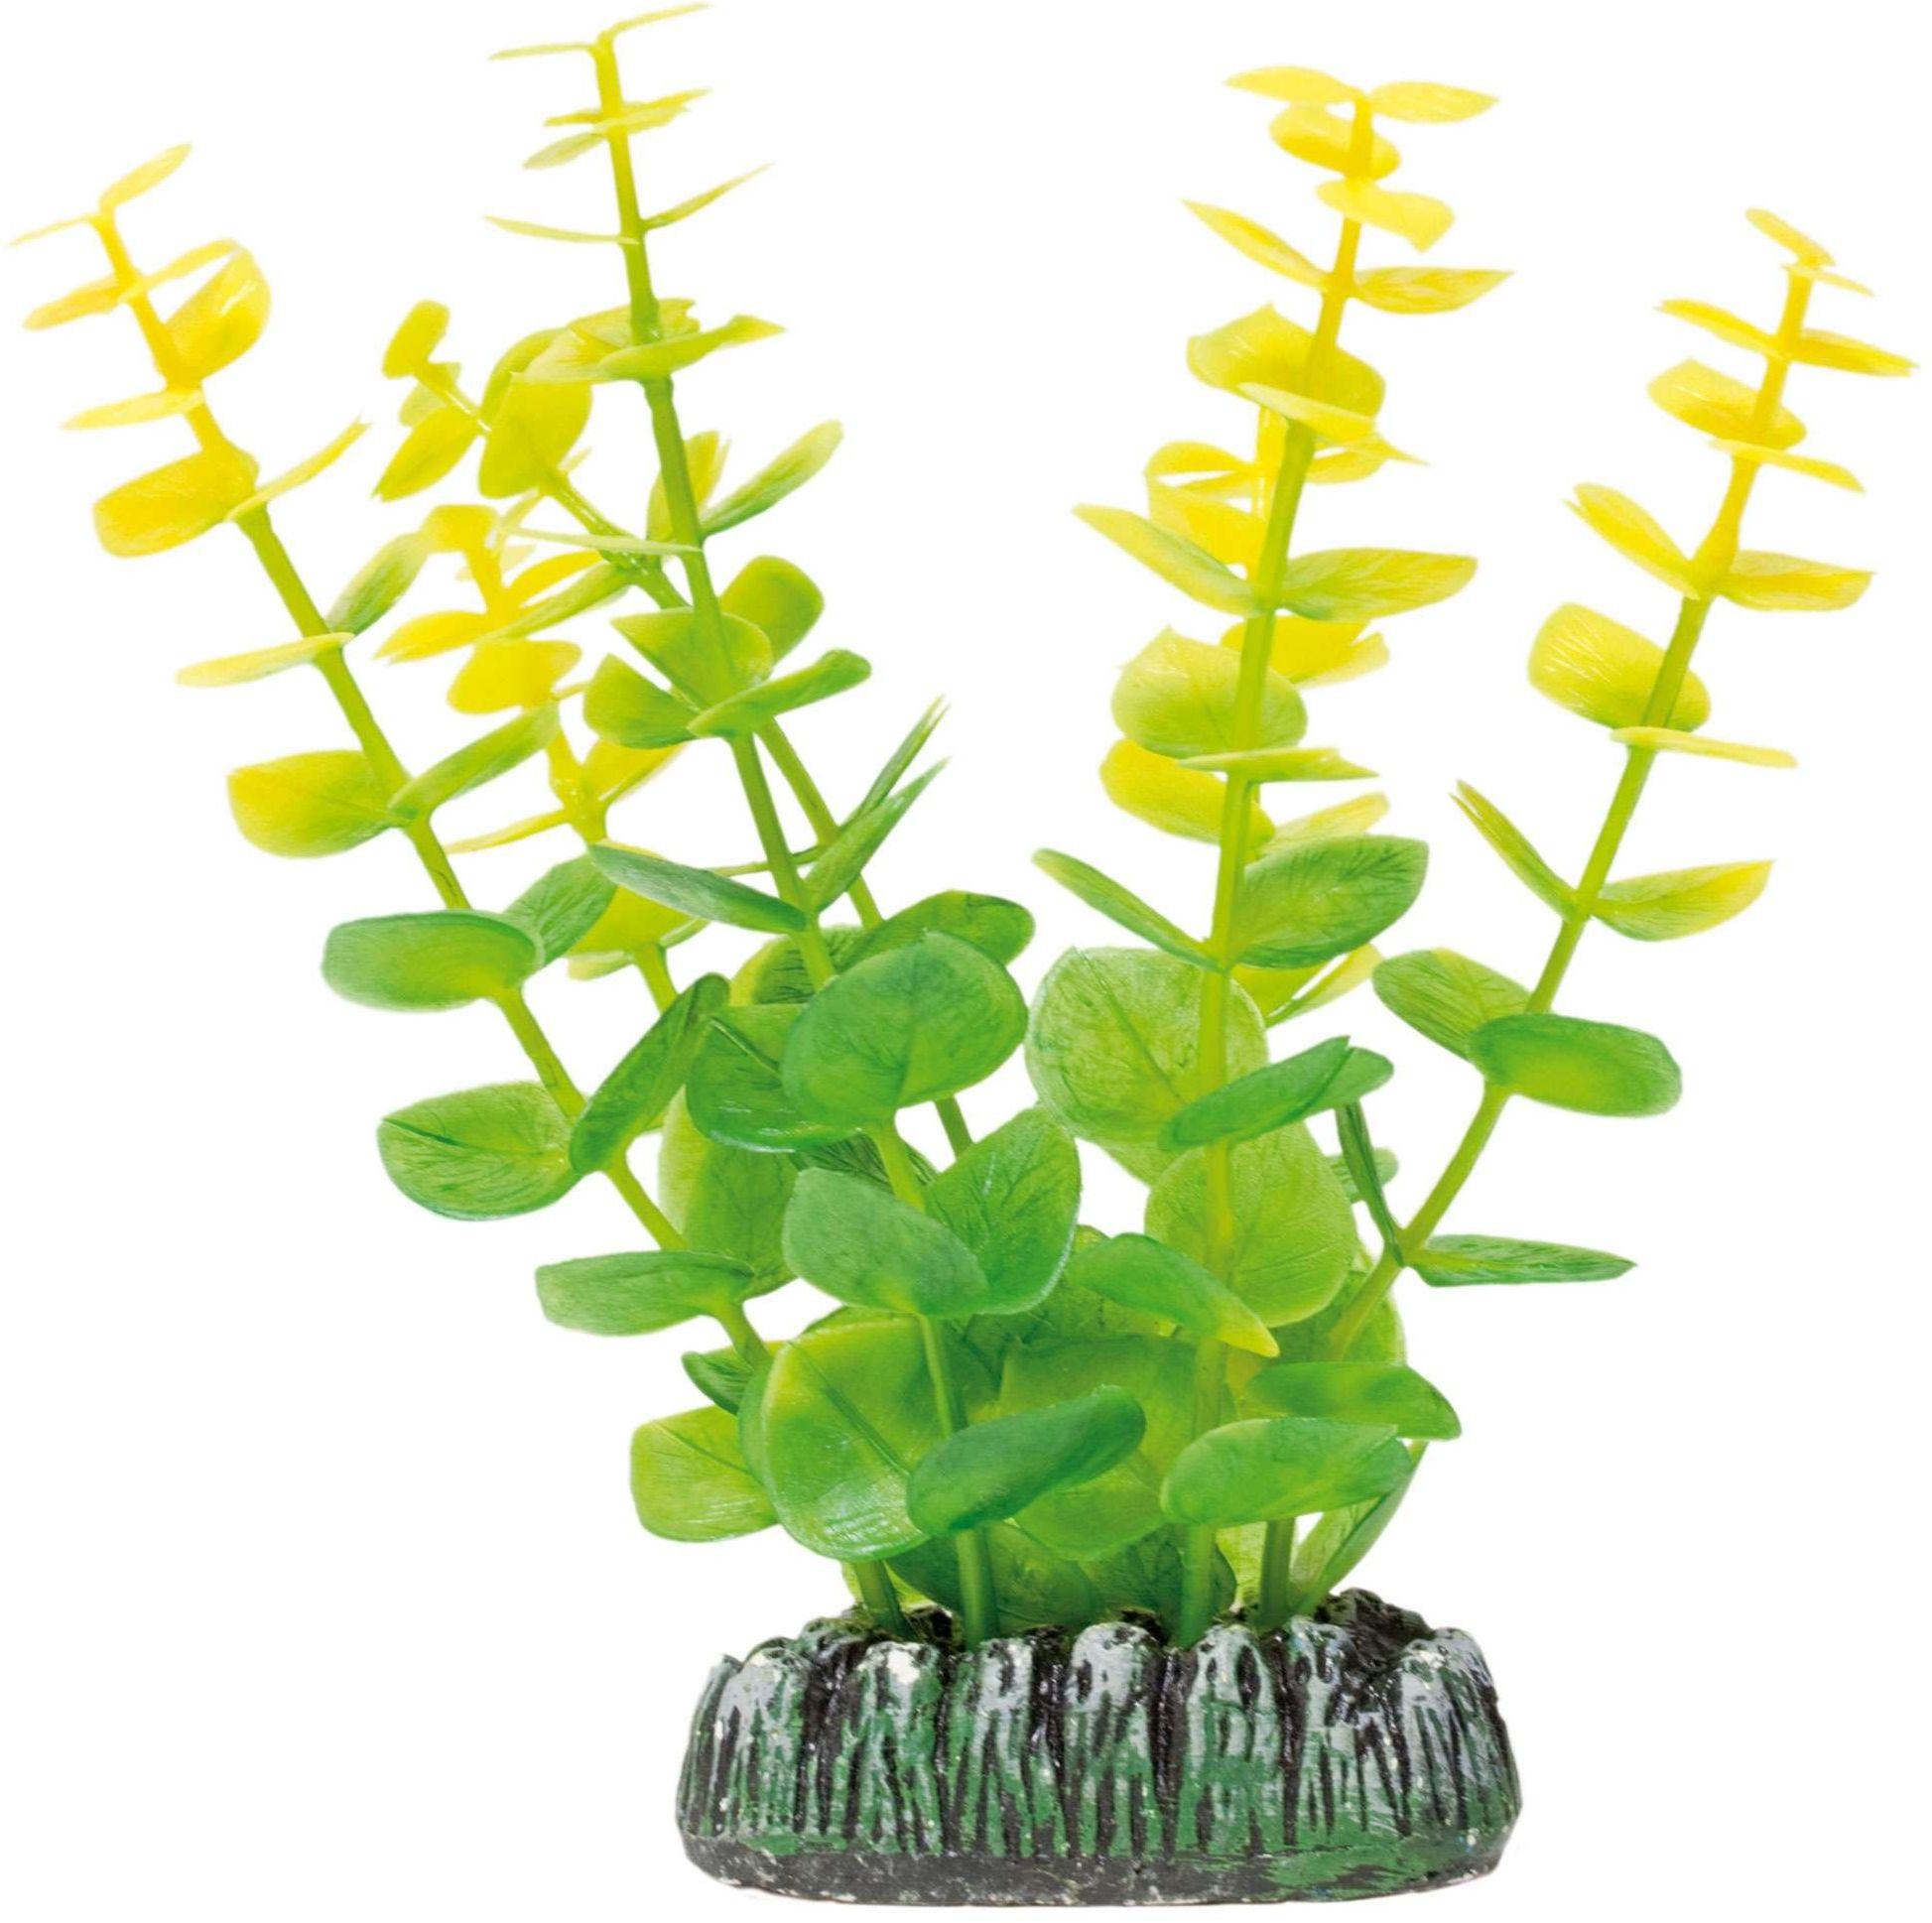 ICA AP1009 Bacopa dla roślin wodnych, tworzywo sztuczne